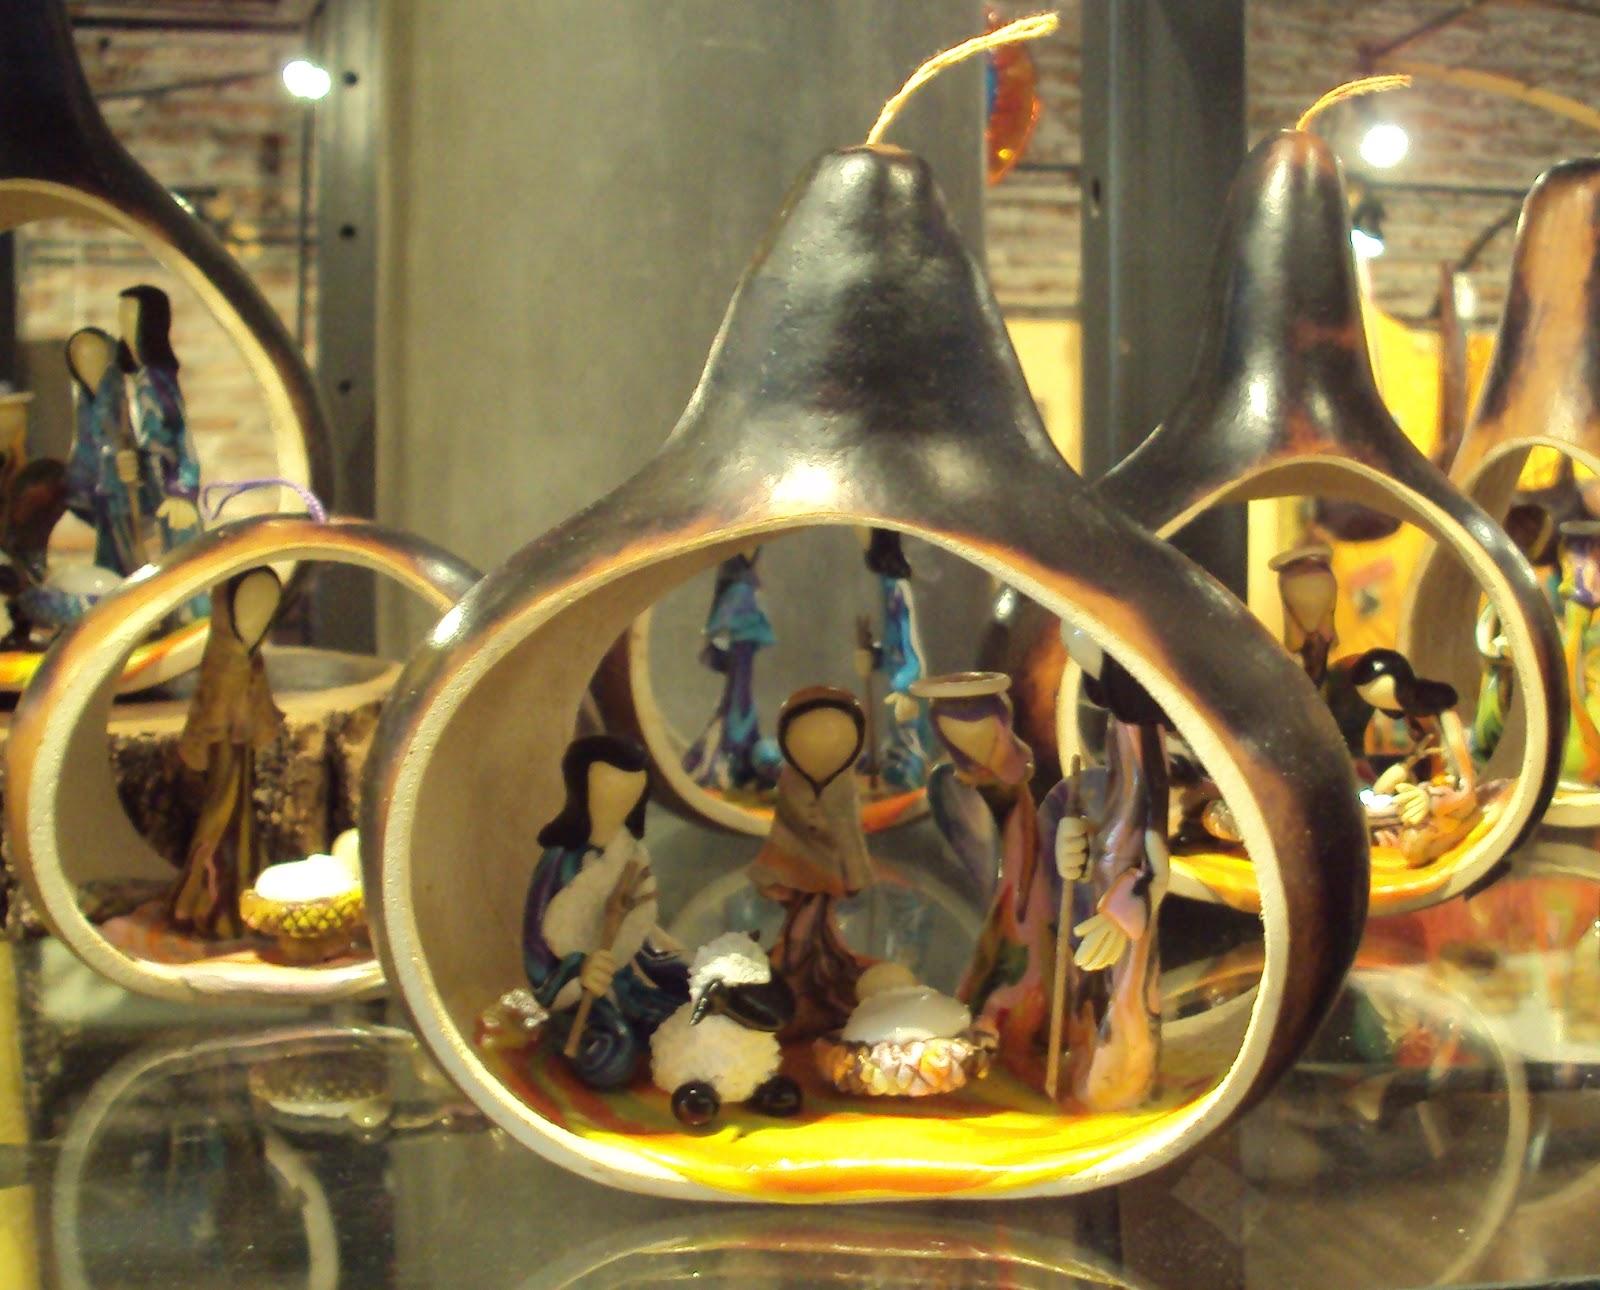 Artesanato Uruguai ~ Mercado dos Artes u00e3os em Montevidéu Uruguai por uma brasileira